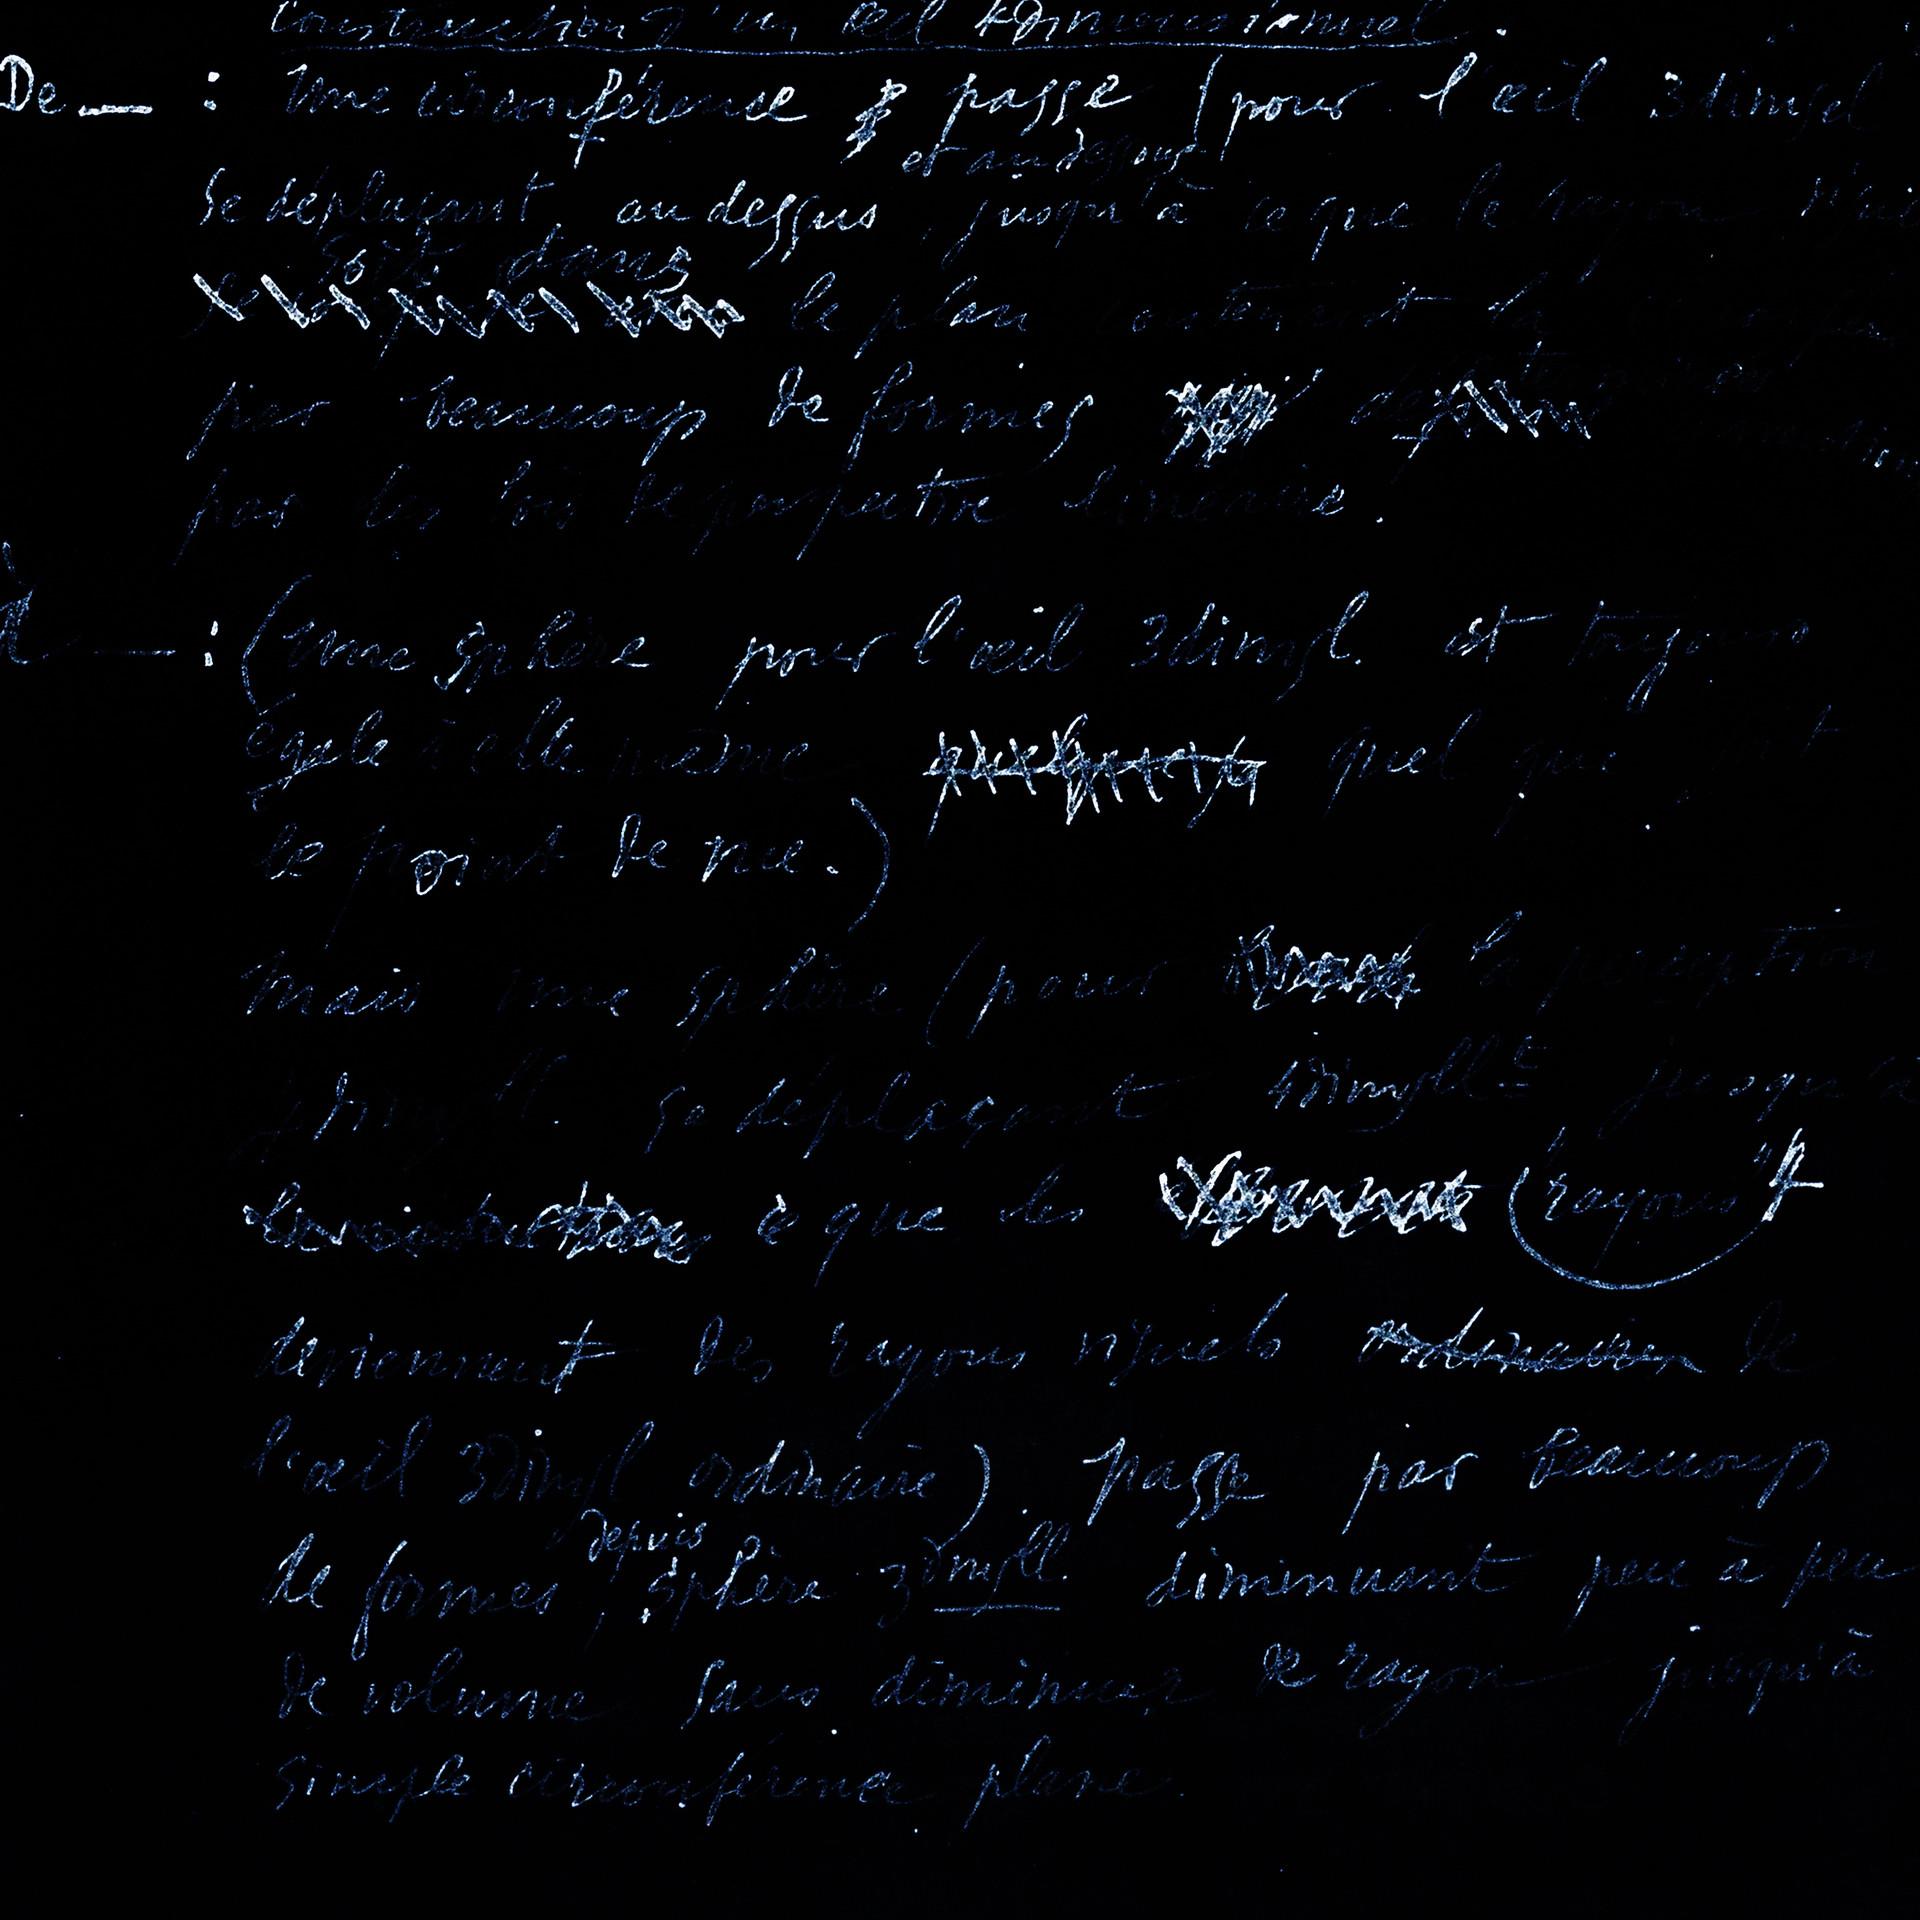 Marcel Duchamp reference material/brush.